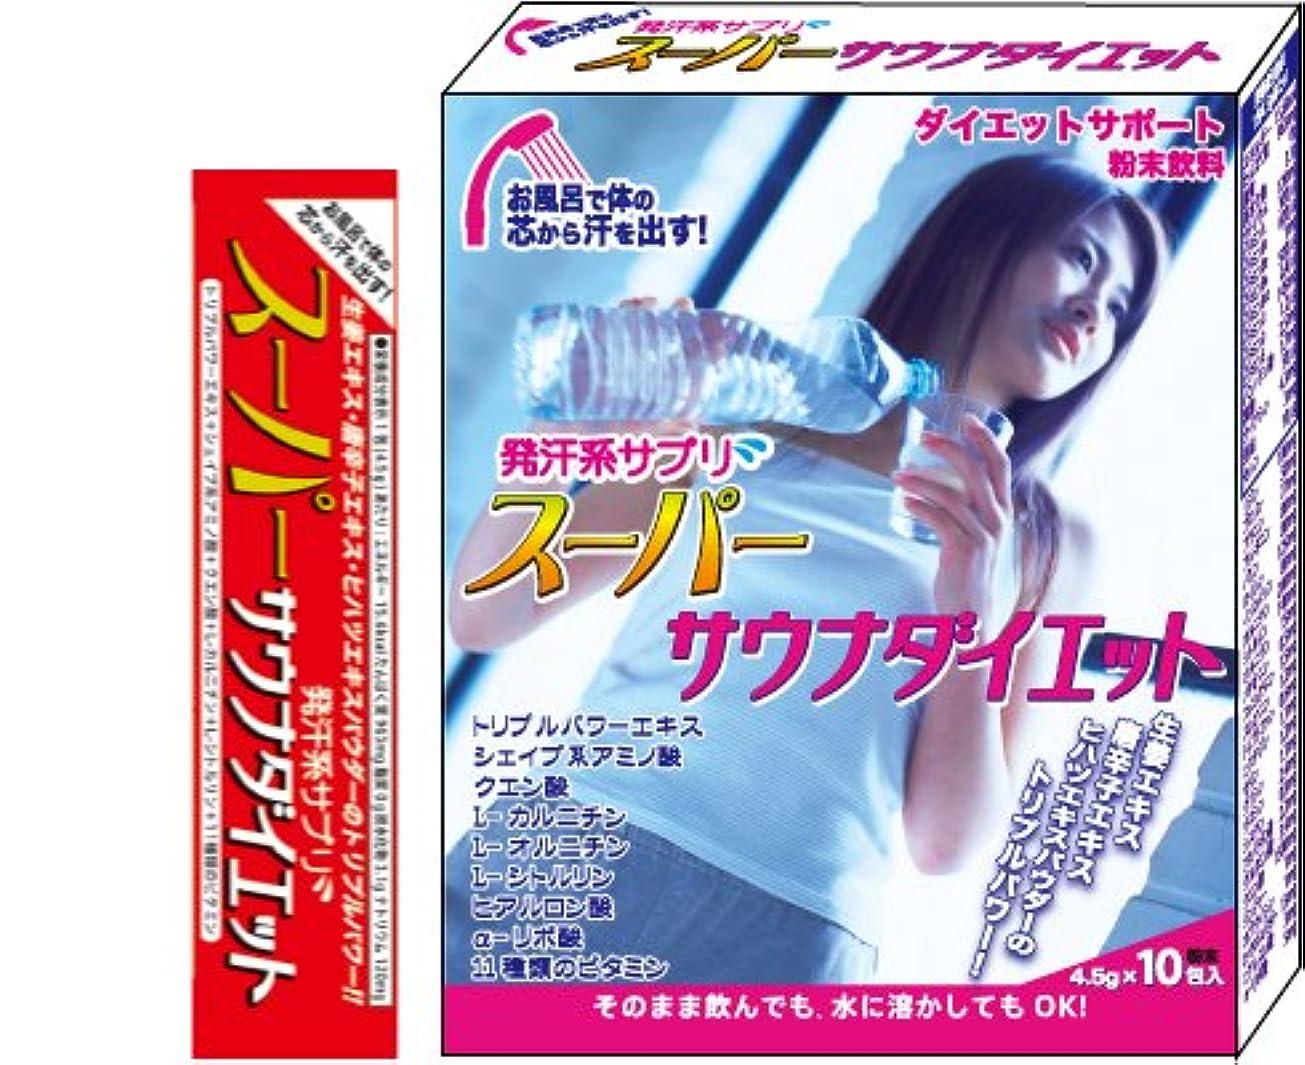 ベテラン痛いレジスーパーサウナダイエット1箱(10包入)